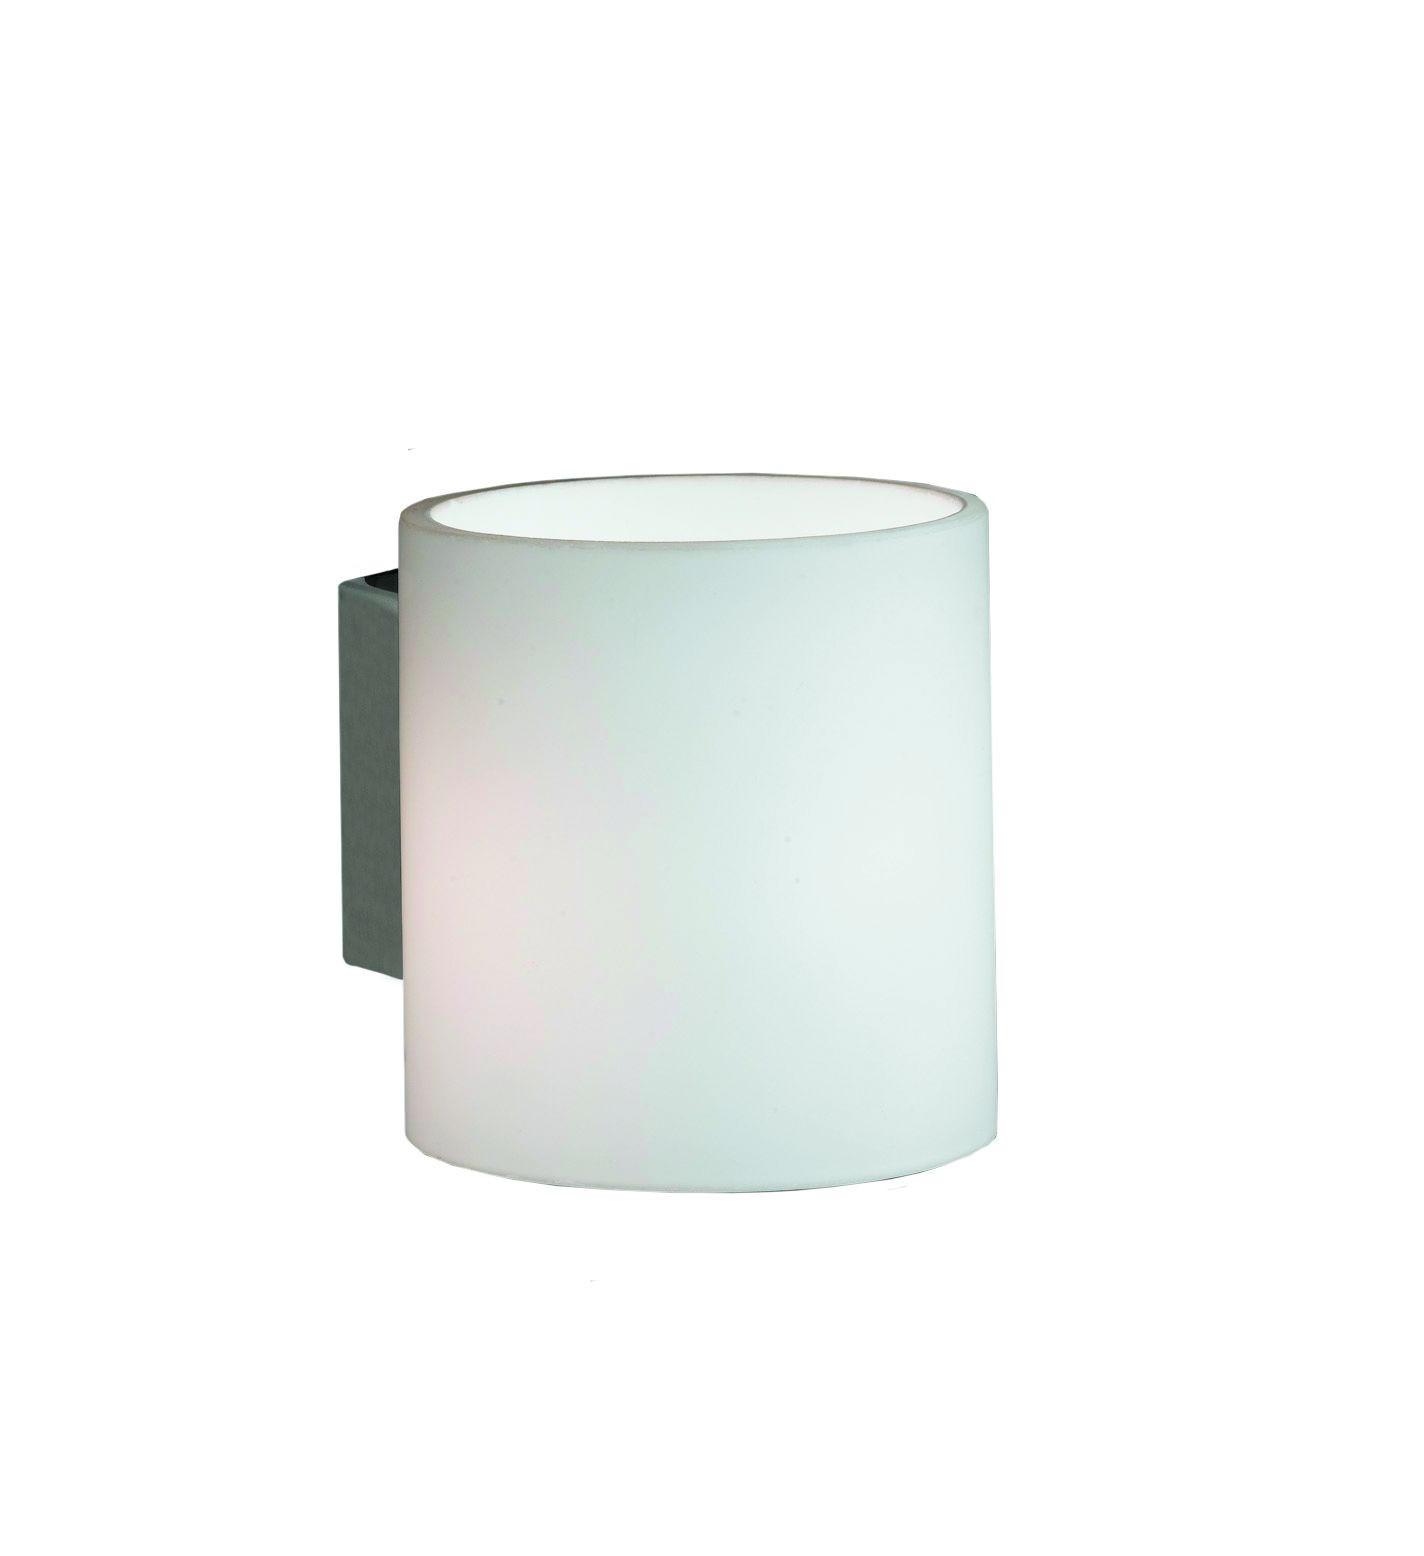 WANDLEUCHTE - Weiß, KONVENTIONELL, Metall (8/9/10cm)